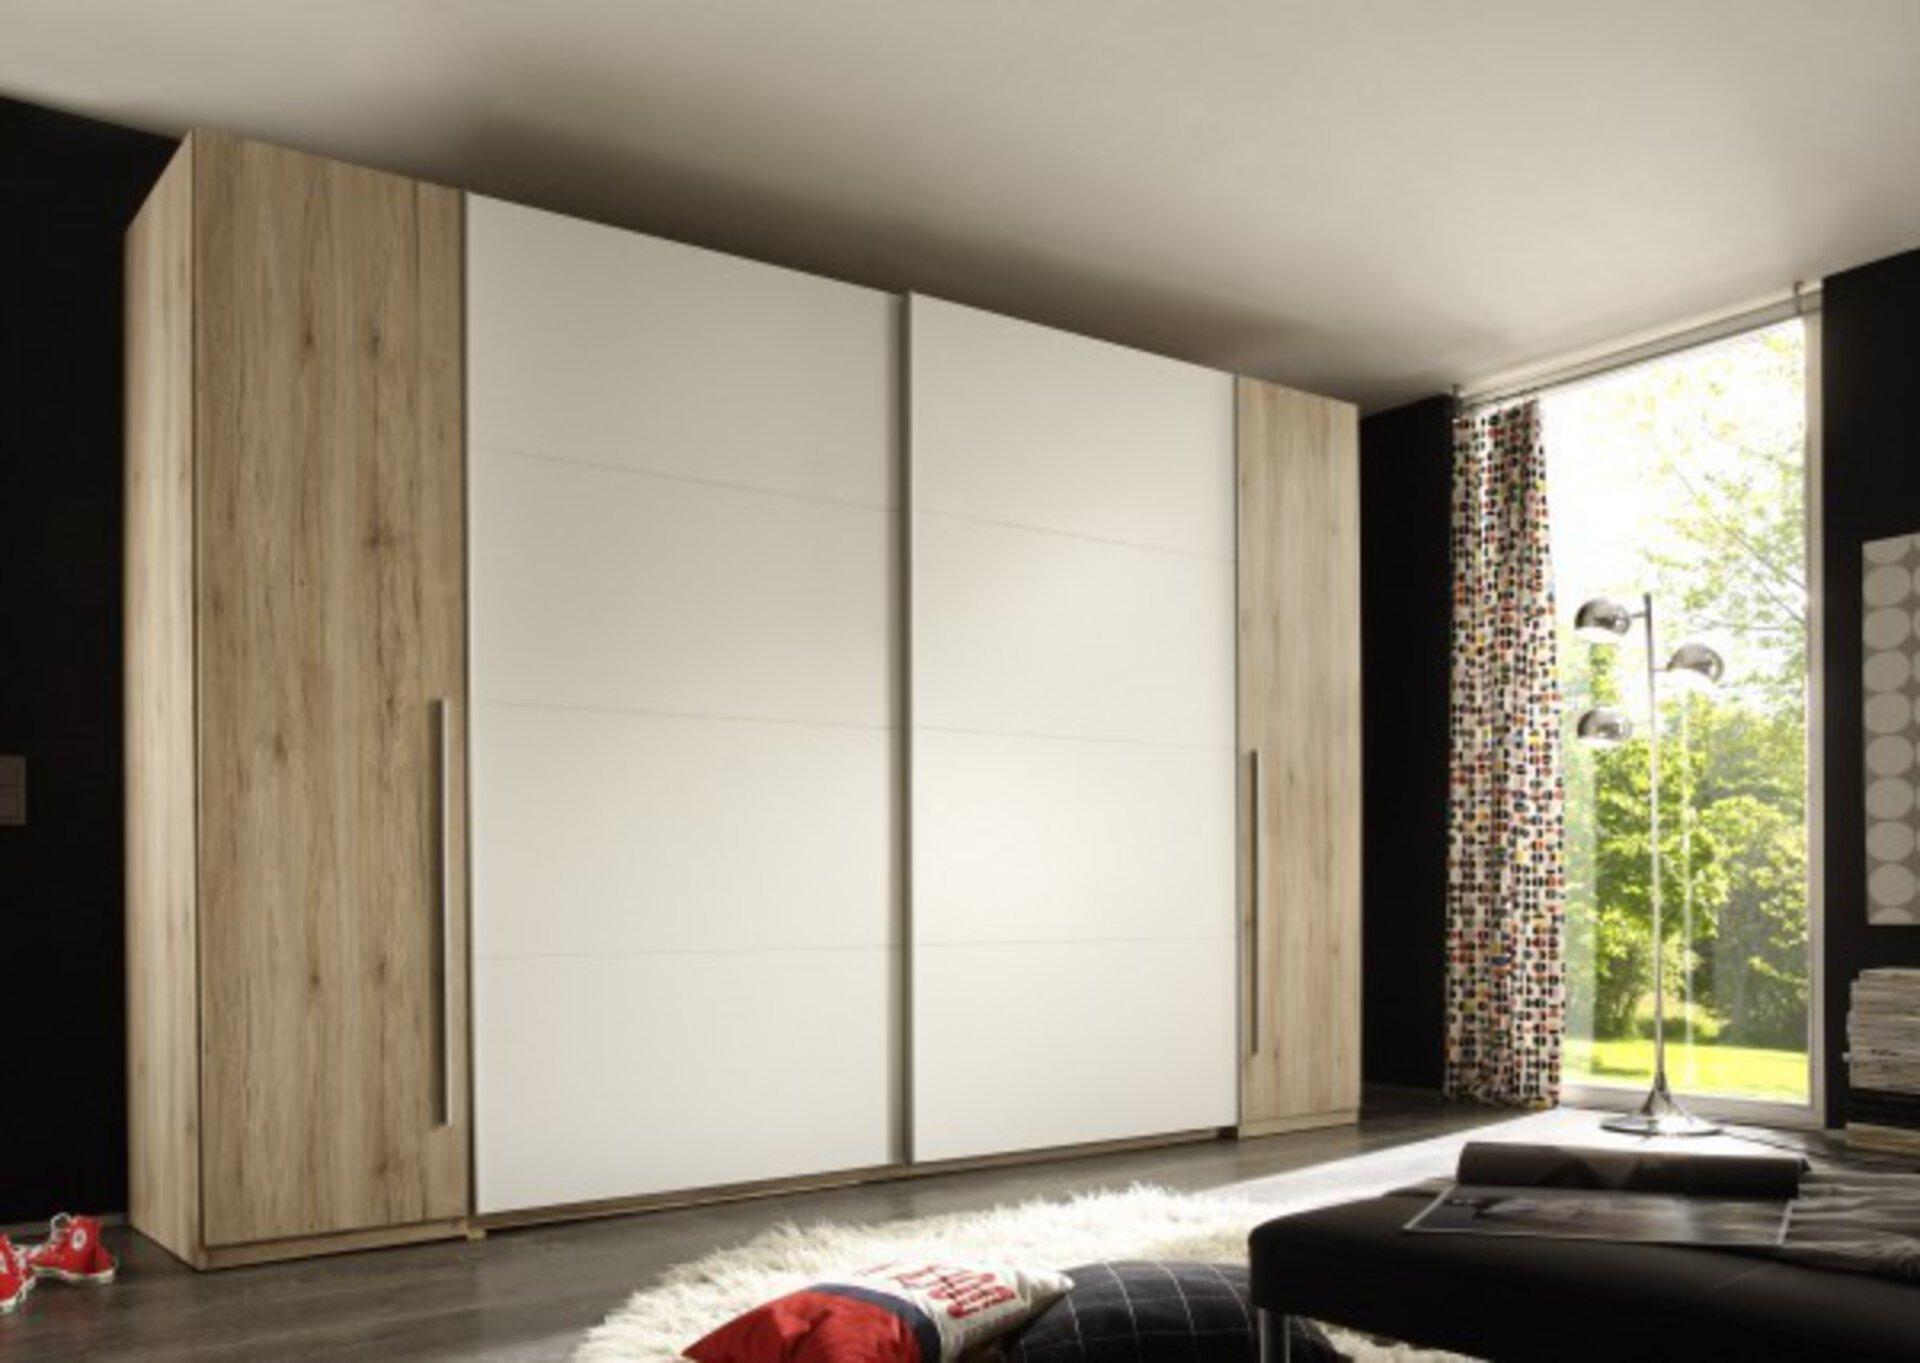 Schwebetürenschrank MATCH Dreamoro Holzwerkstoff 61 x 226 x 315 cm